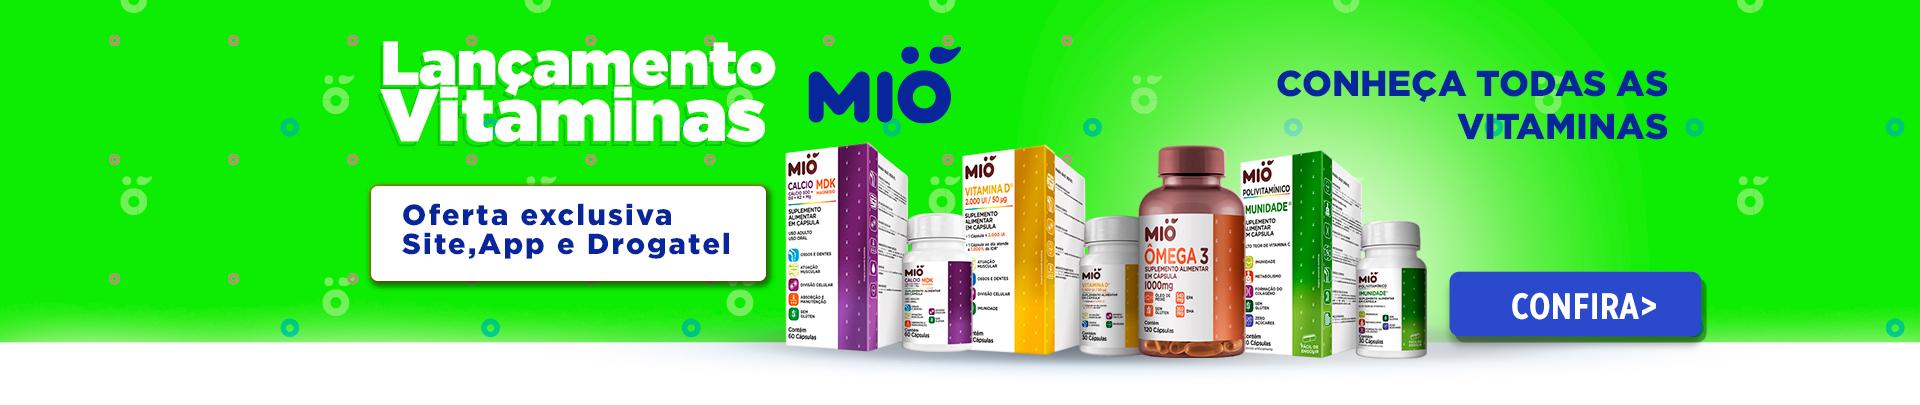 Vitamina_mio